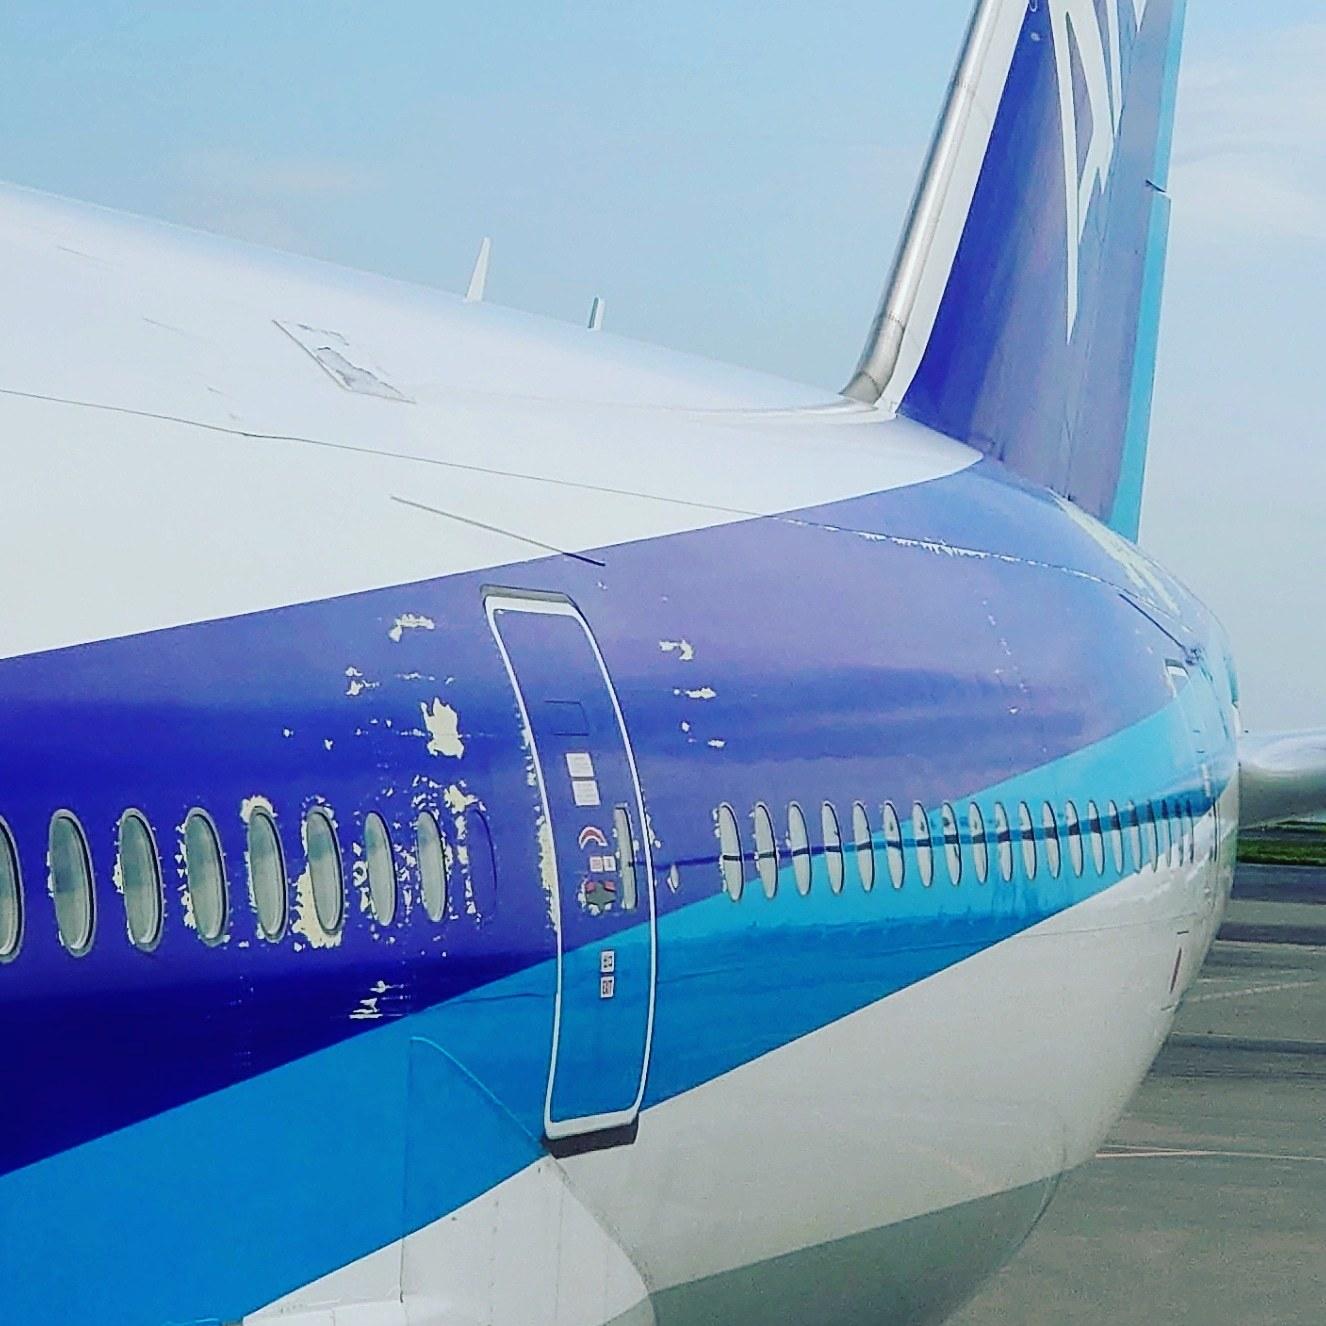 塗装の剥がれた飛行機_b0083801_08534243.jpg